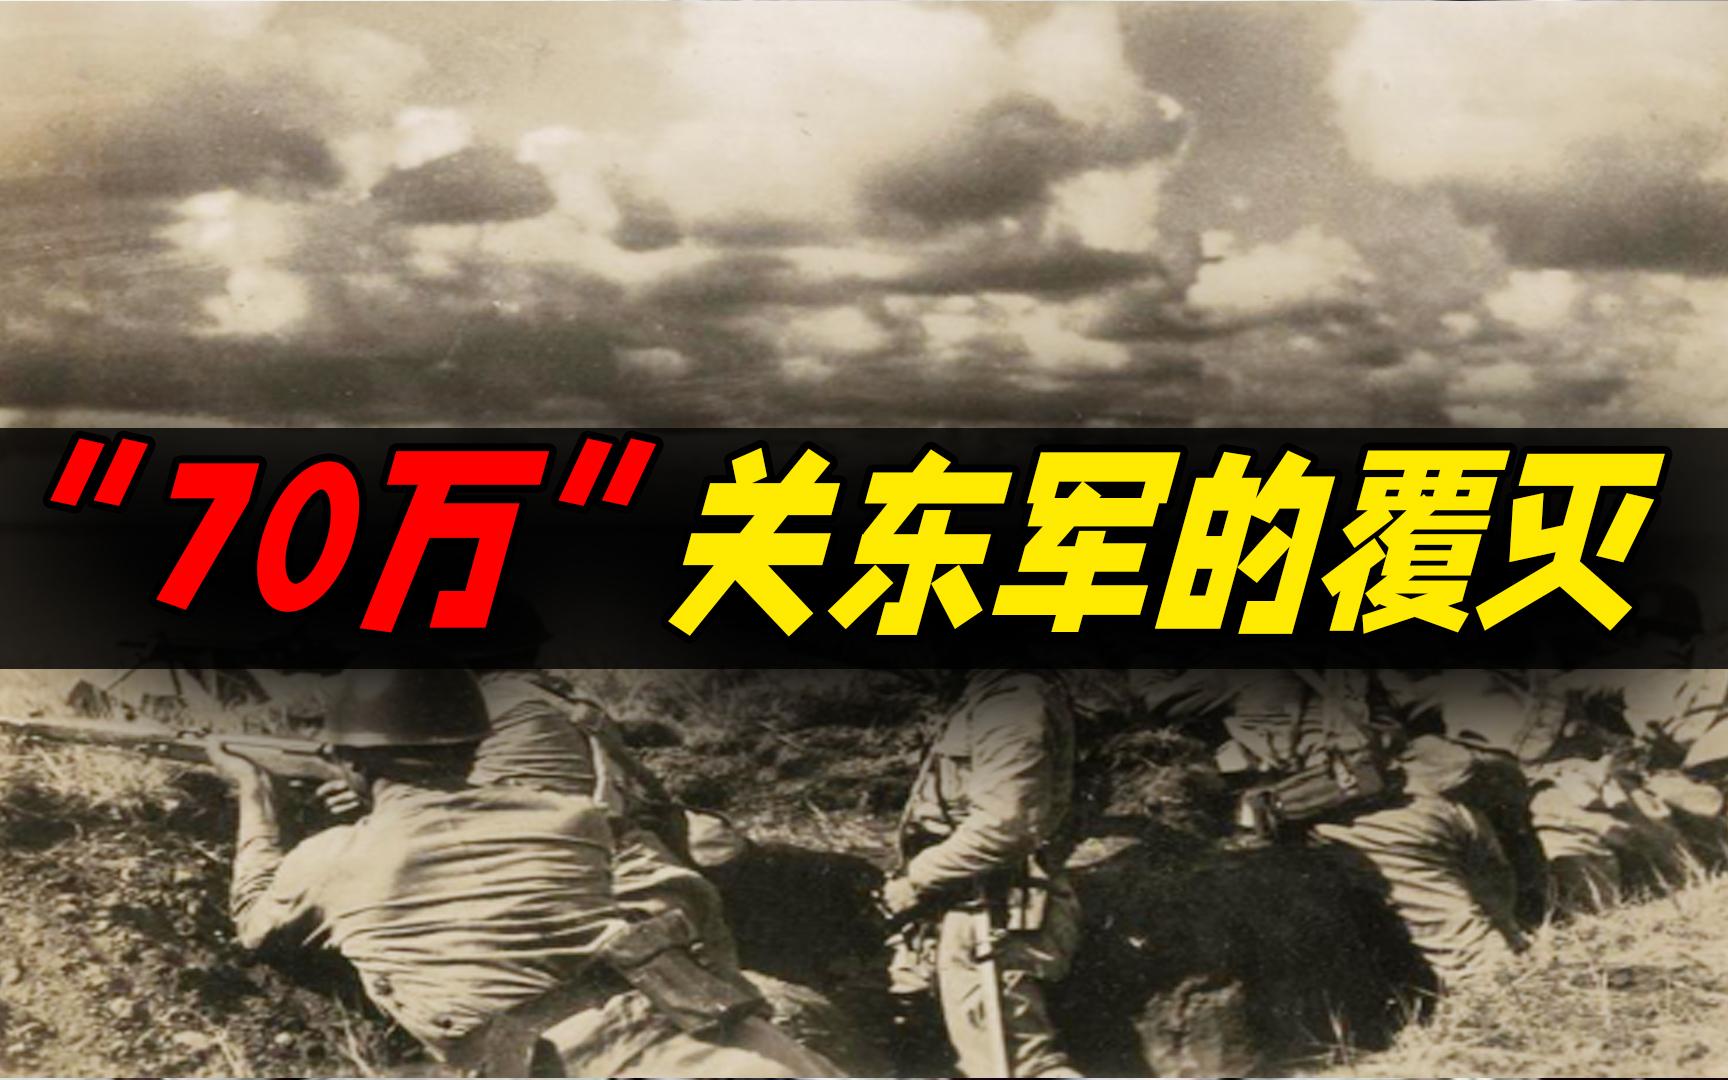 70万关东军的覆灭:霸占东北26年,为何在苏联面前只撑了七天?